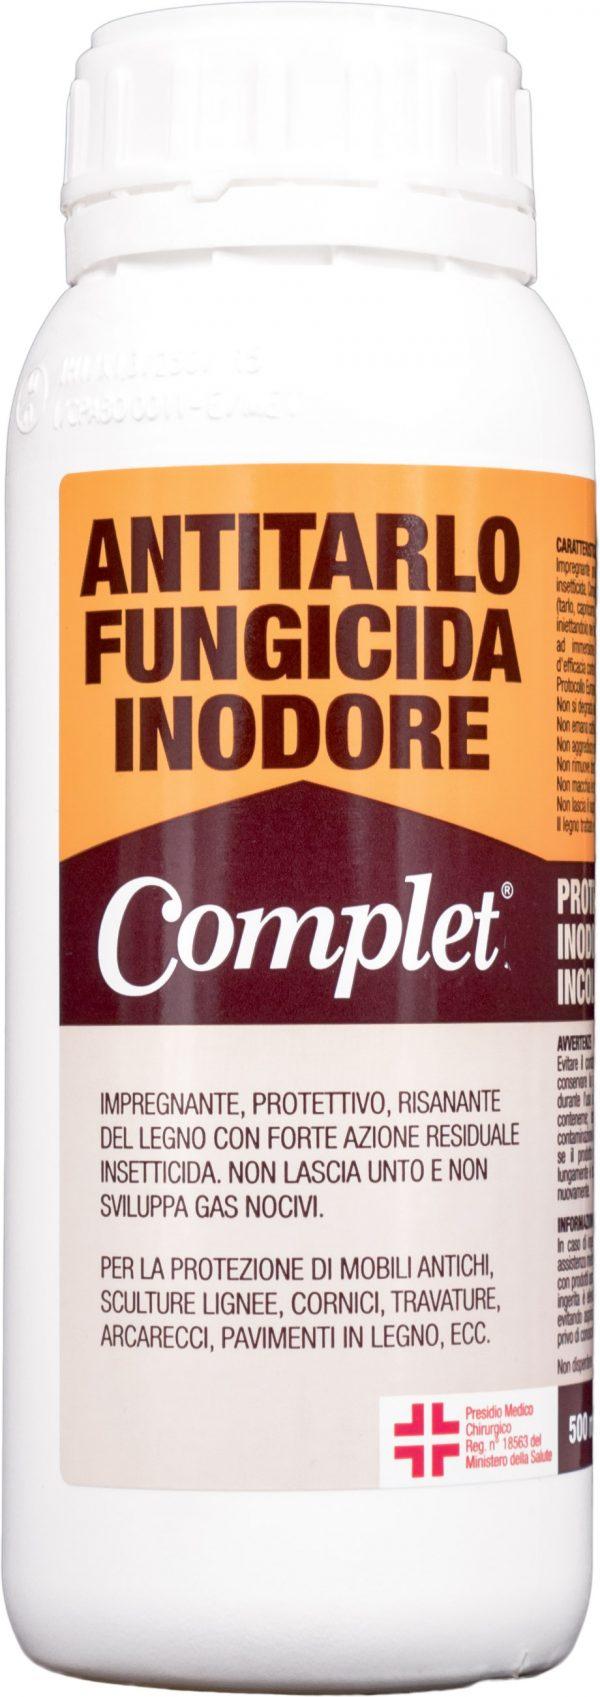 anti-tarlo fungicida, pmc, presidio medico chirurgico, prodotti per legno